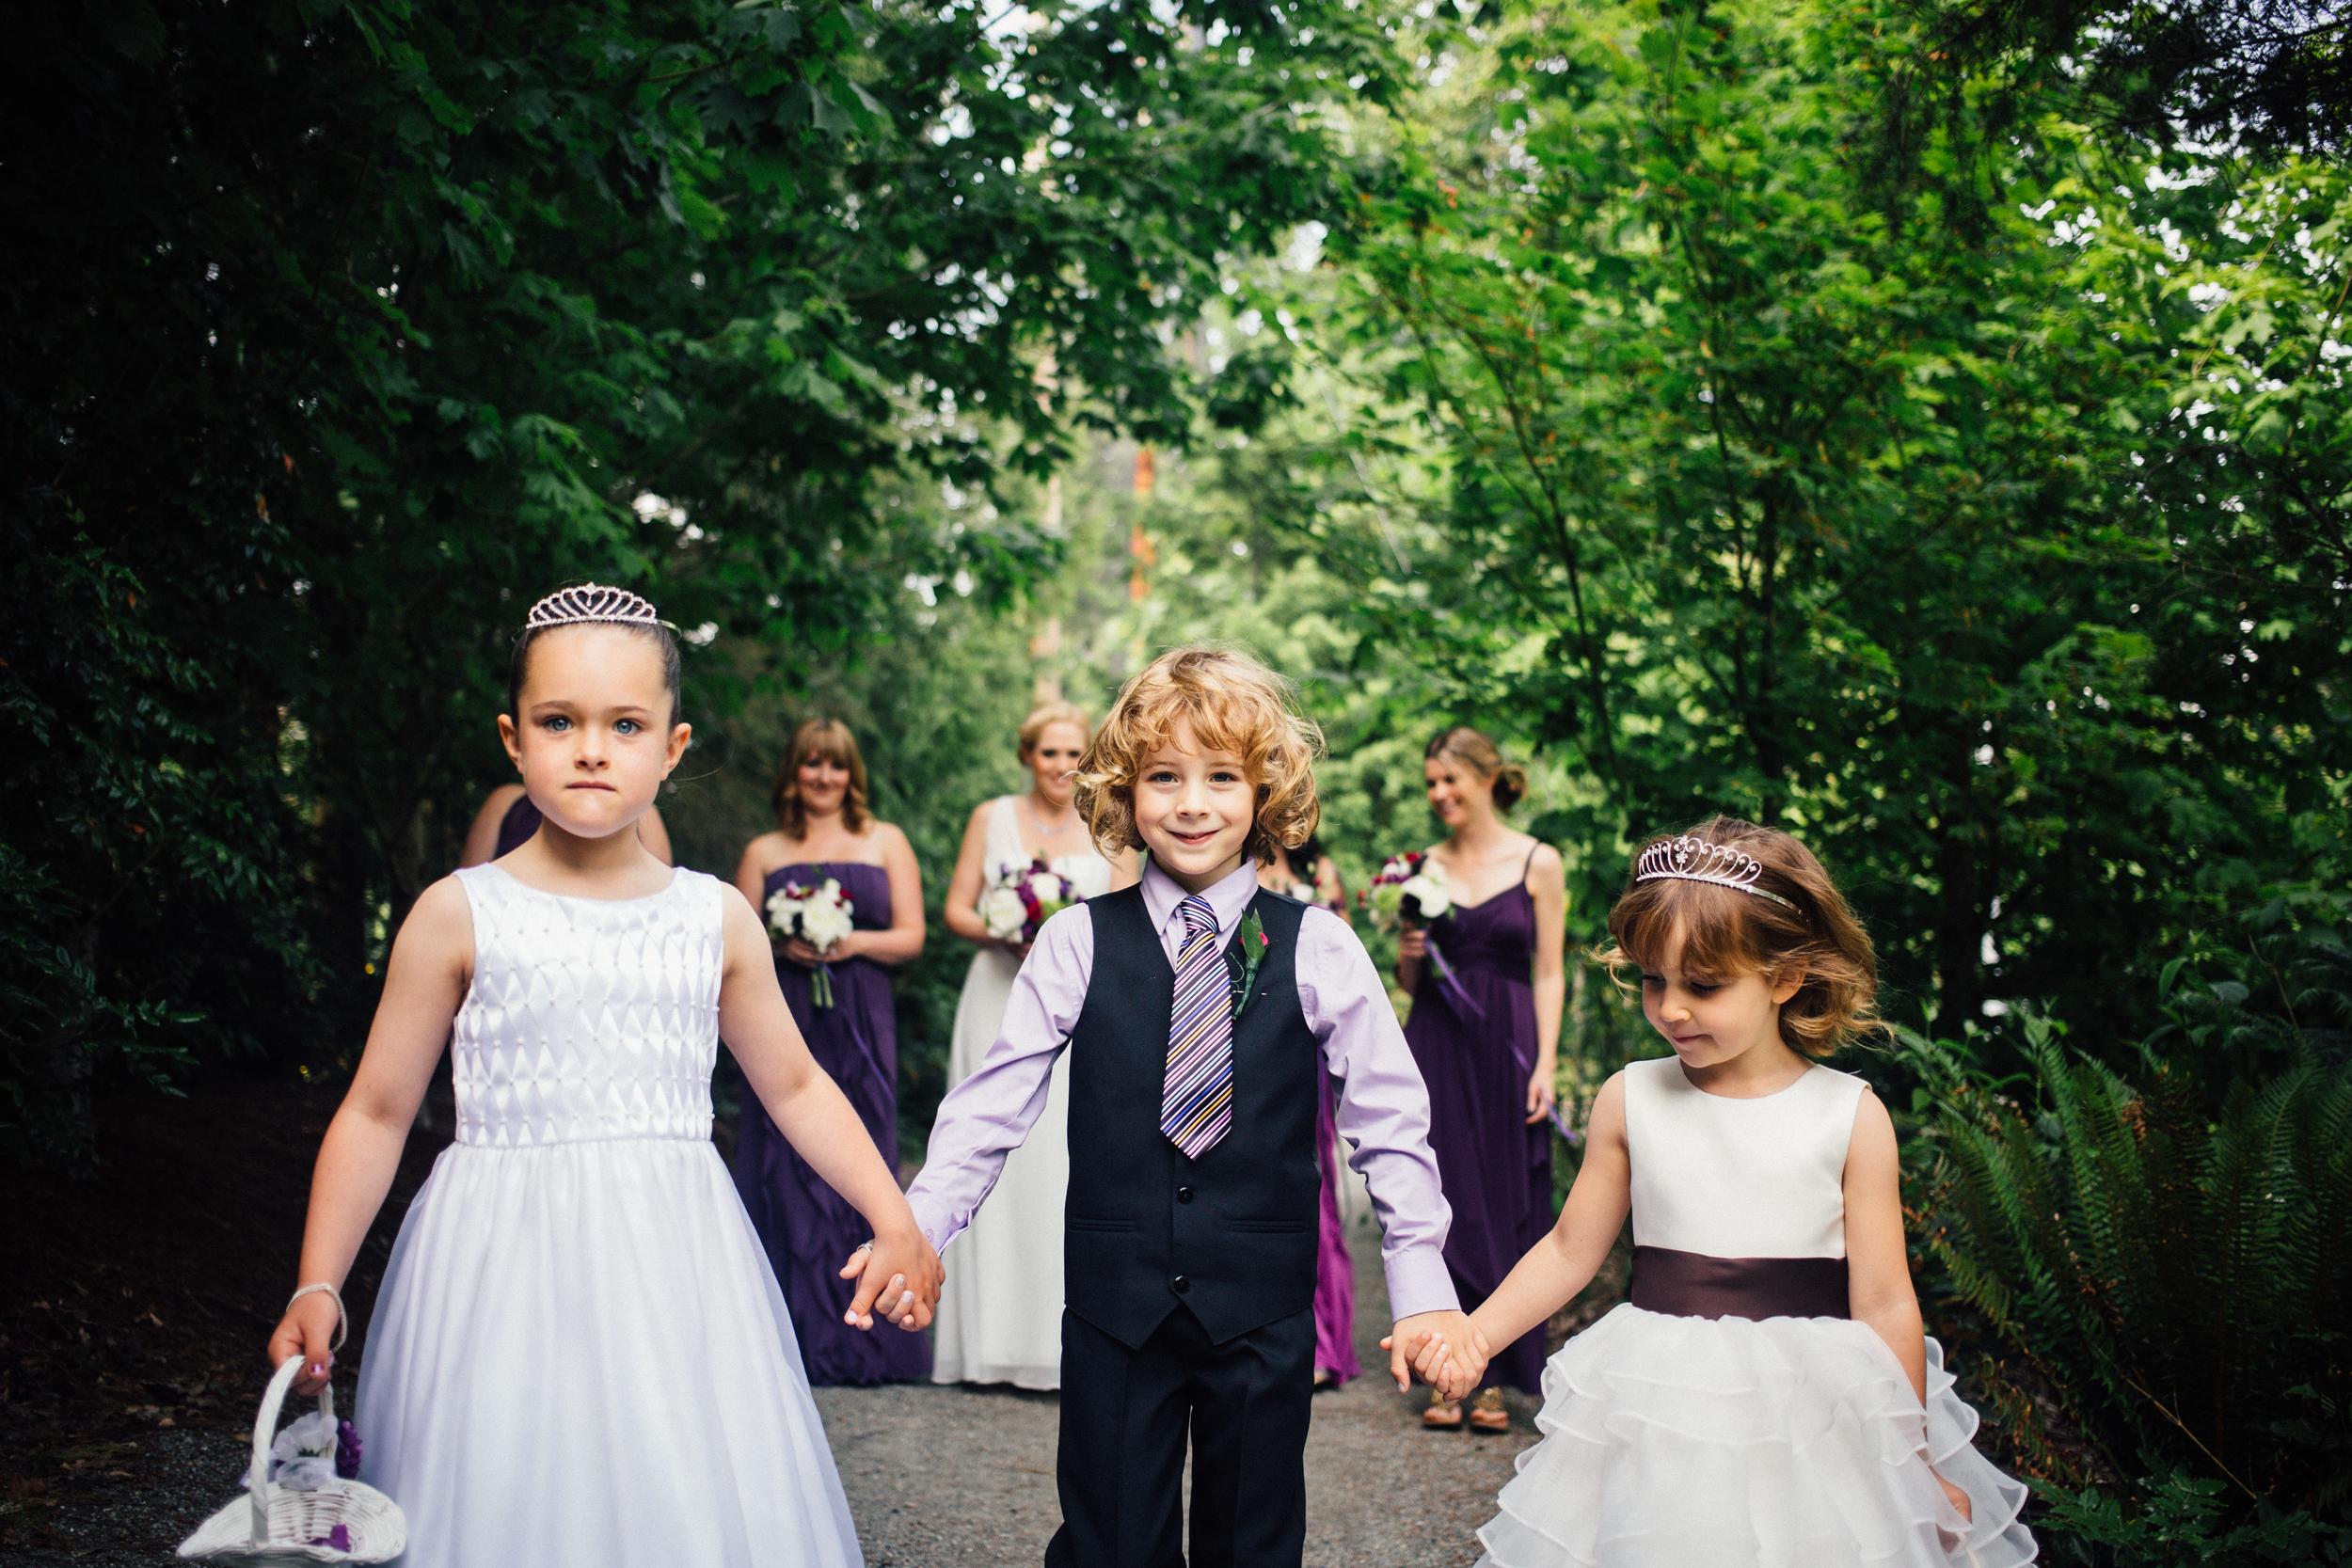 dogwoodphotography_photographer_vancouver_wedding_kimberley (24 of 180).jpg